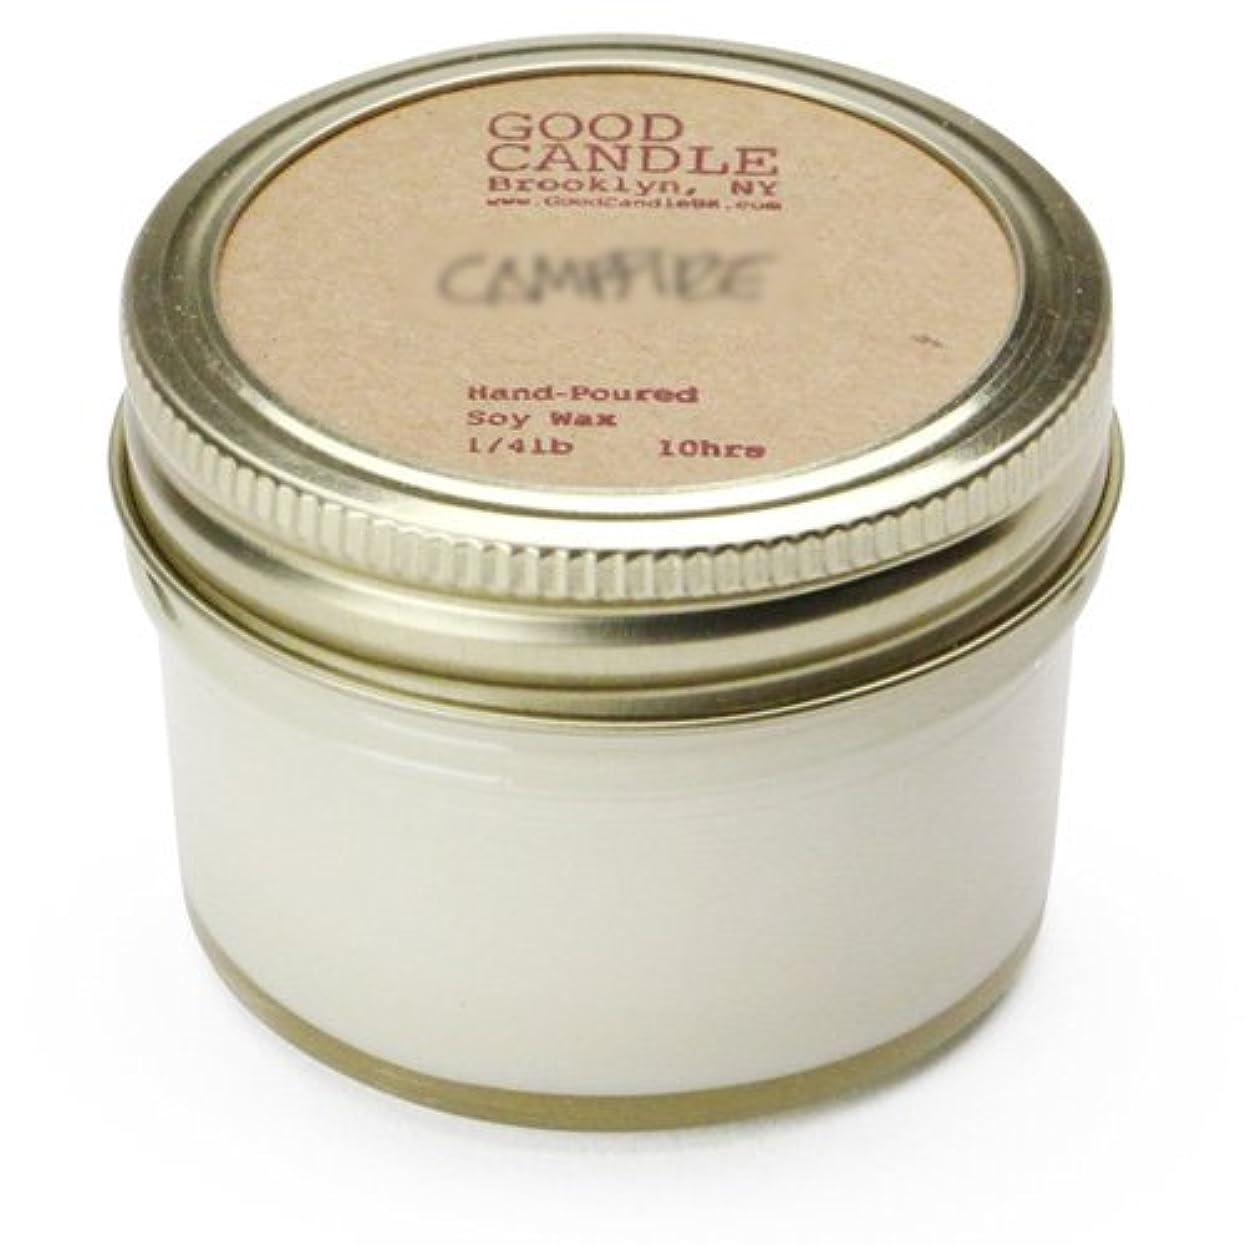 死にかけているコマース論争の的グッドキャンドル 1/4ポンド ゼリージャー キャンドル Good Candle 1/4LB Jelly jar candle [ Basil ] 正規品